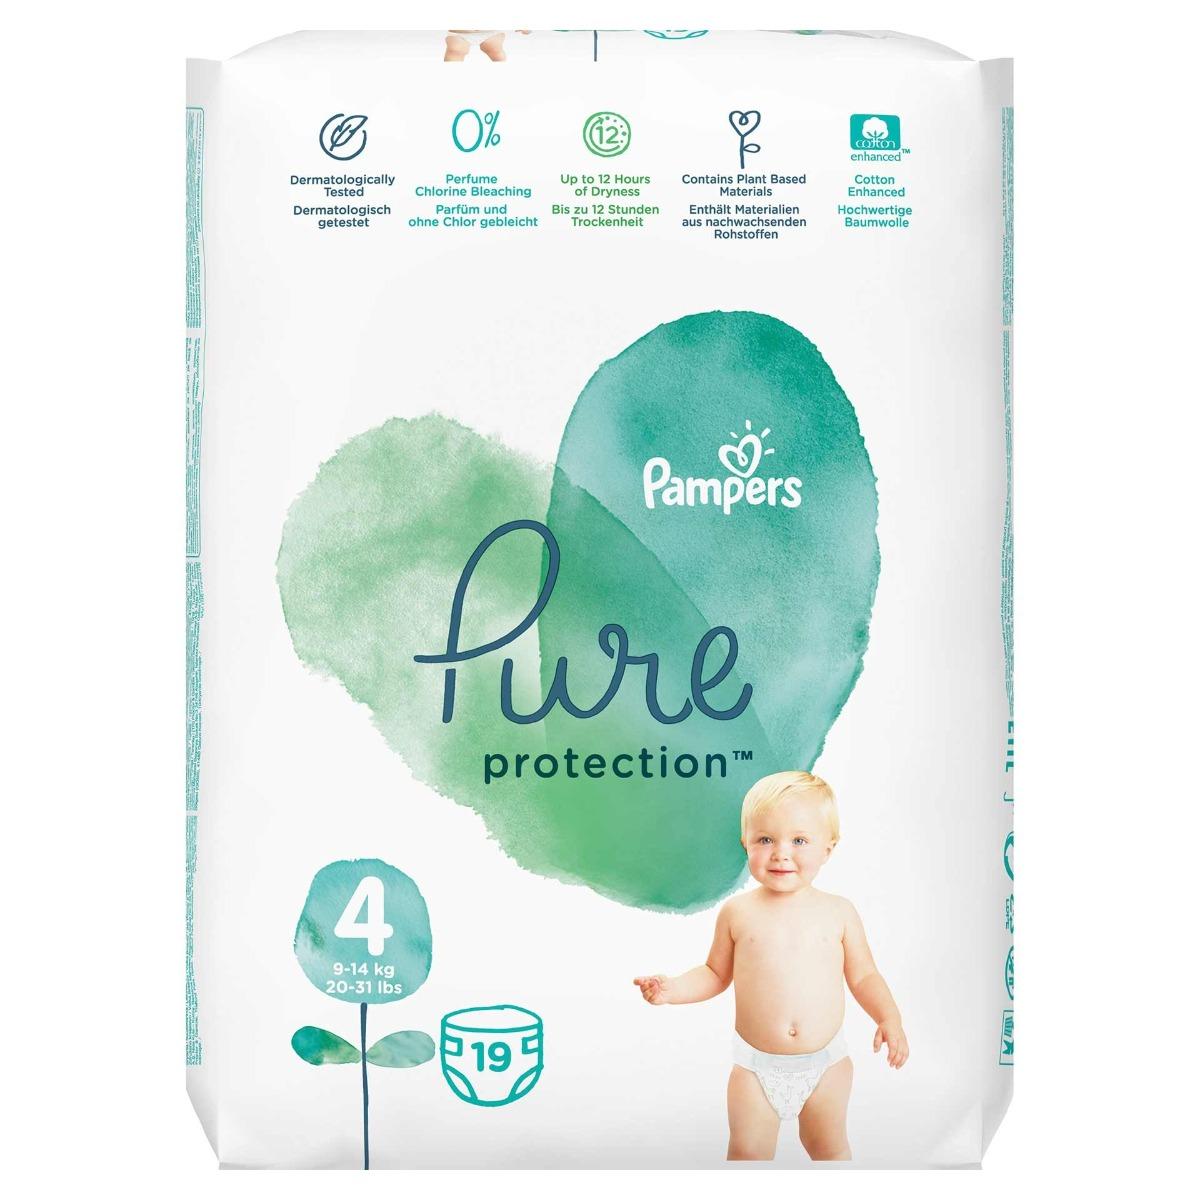 Scutece Pure Protection marimea 4 pentru 9-14kg, 19 bucati, Pampers